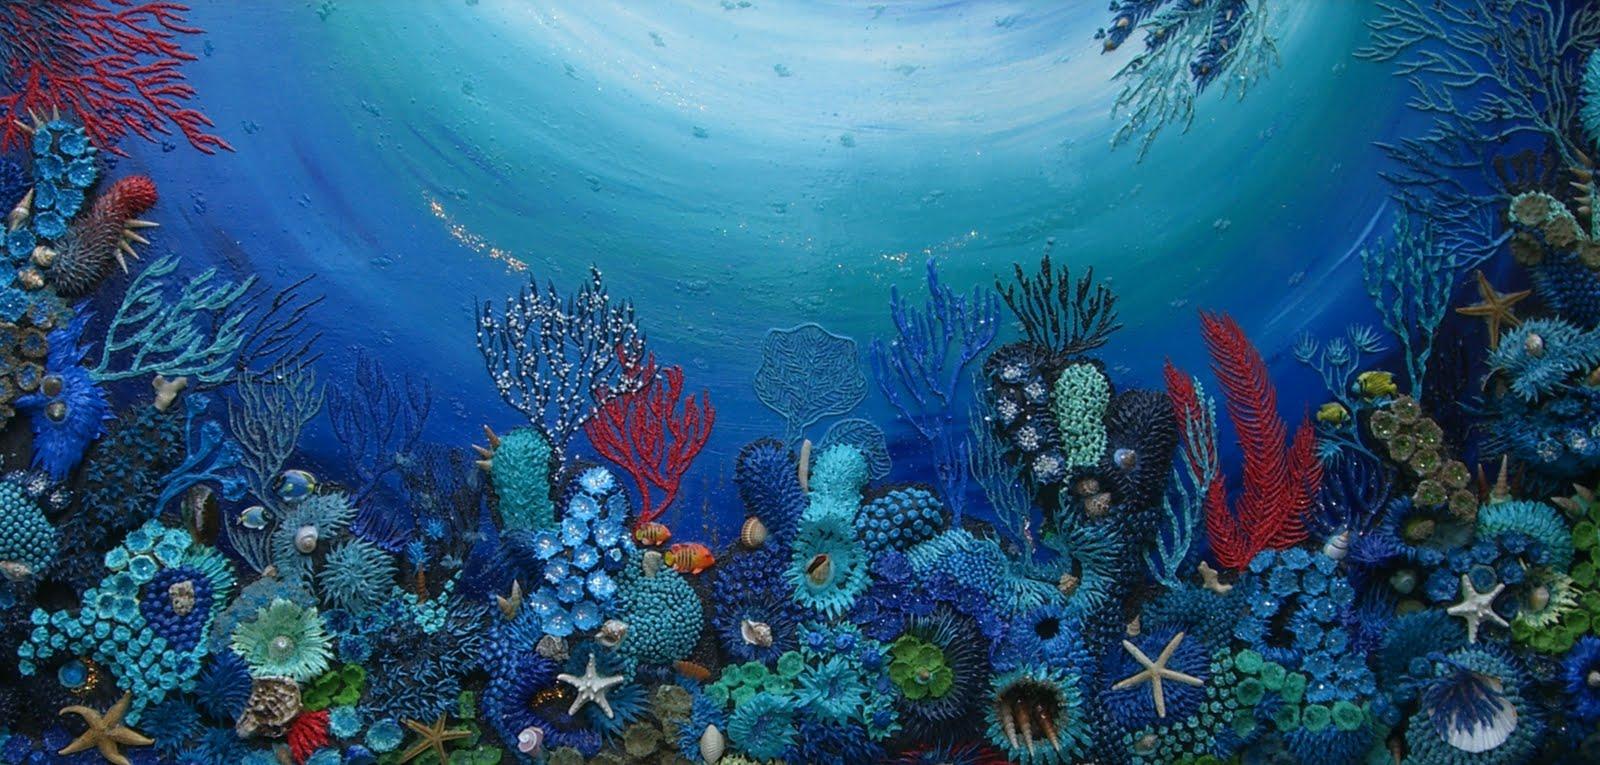 Elisabetta trombello pittrice paint acquario ambientato for Fondo acquario